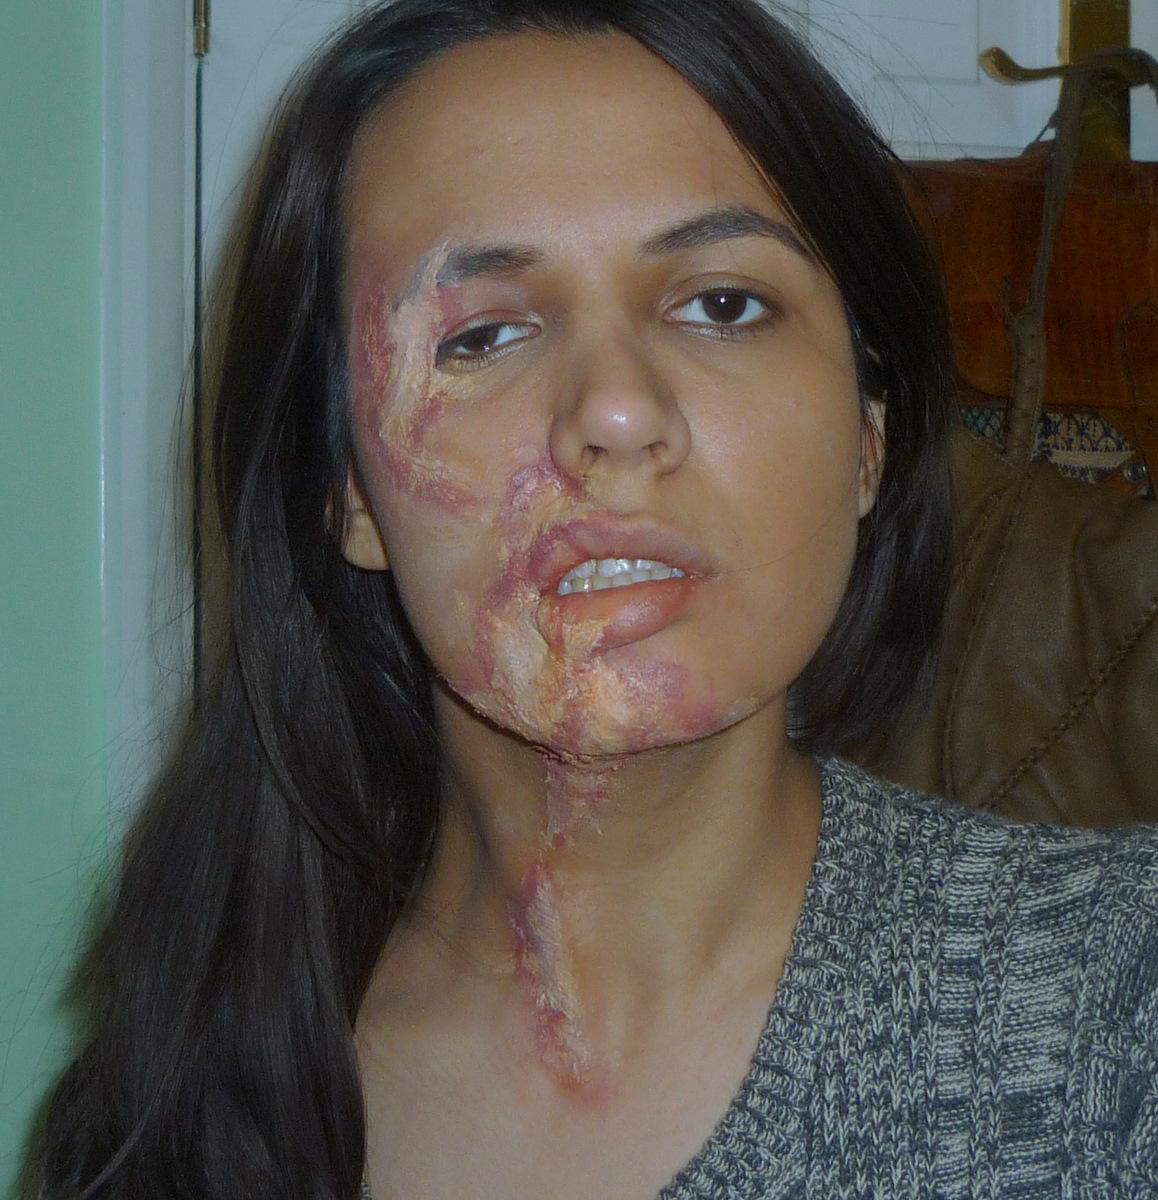 Acid Burned Face